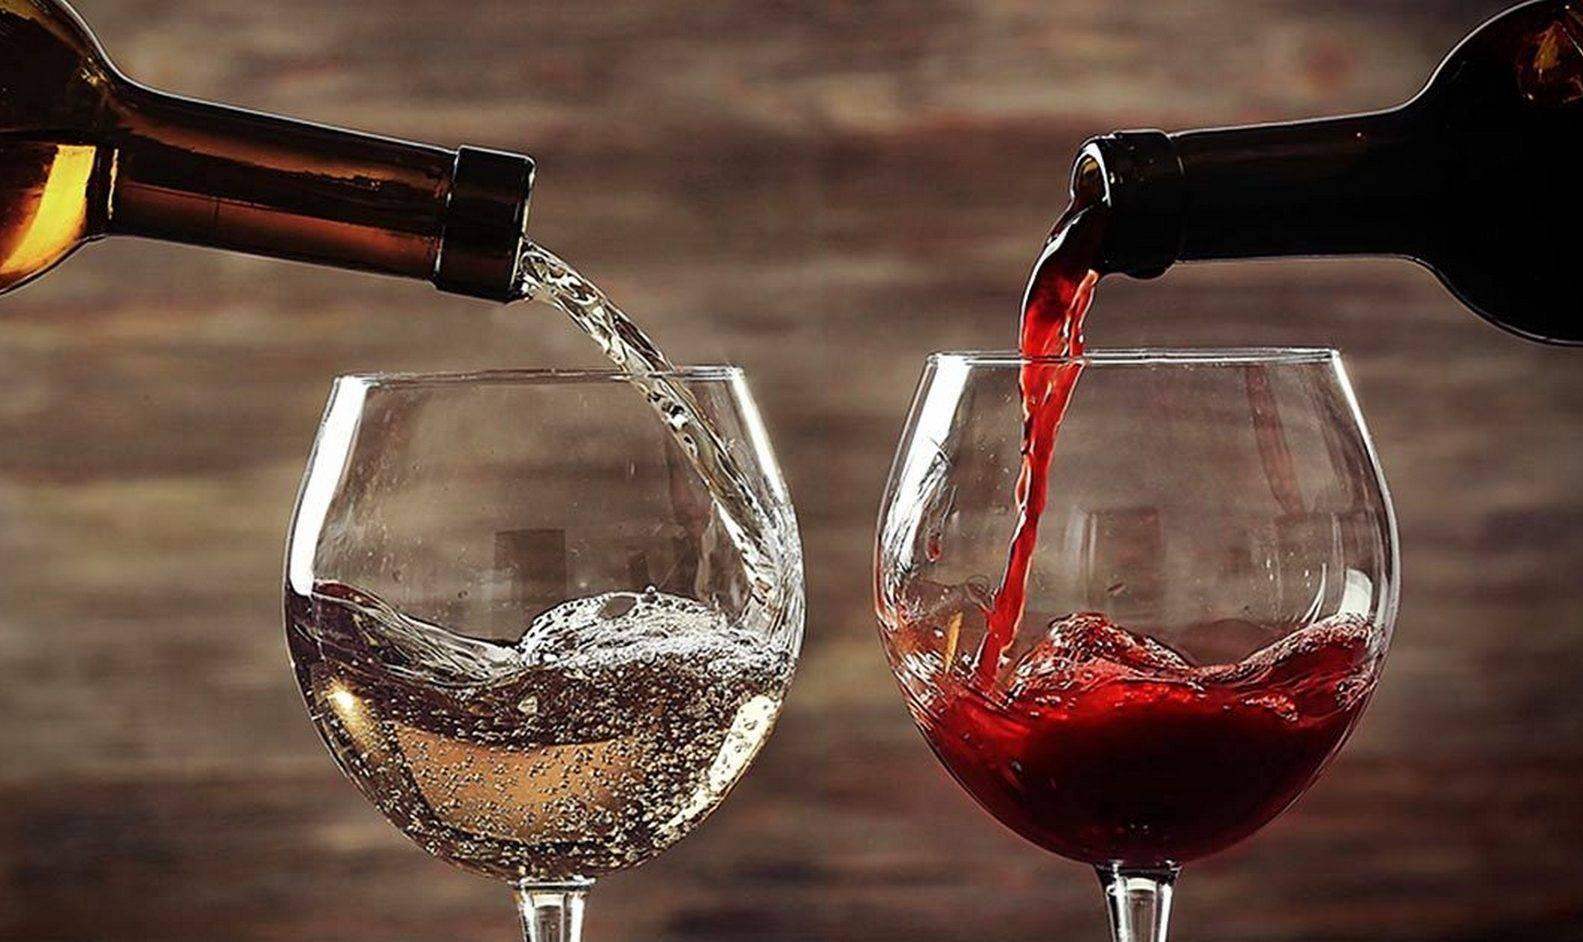 Как проверить вино на натуральность в домашних условиях?